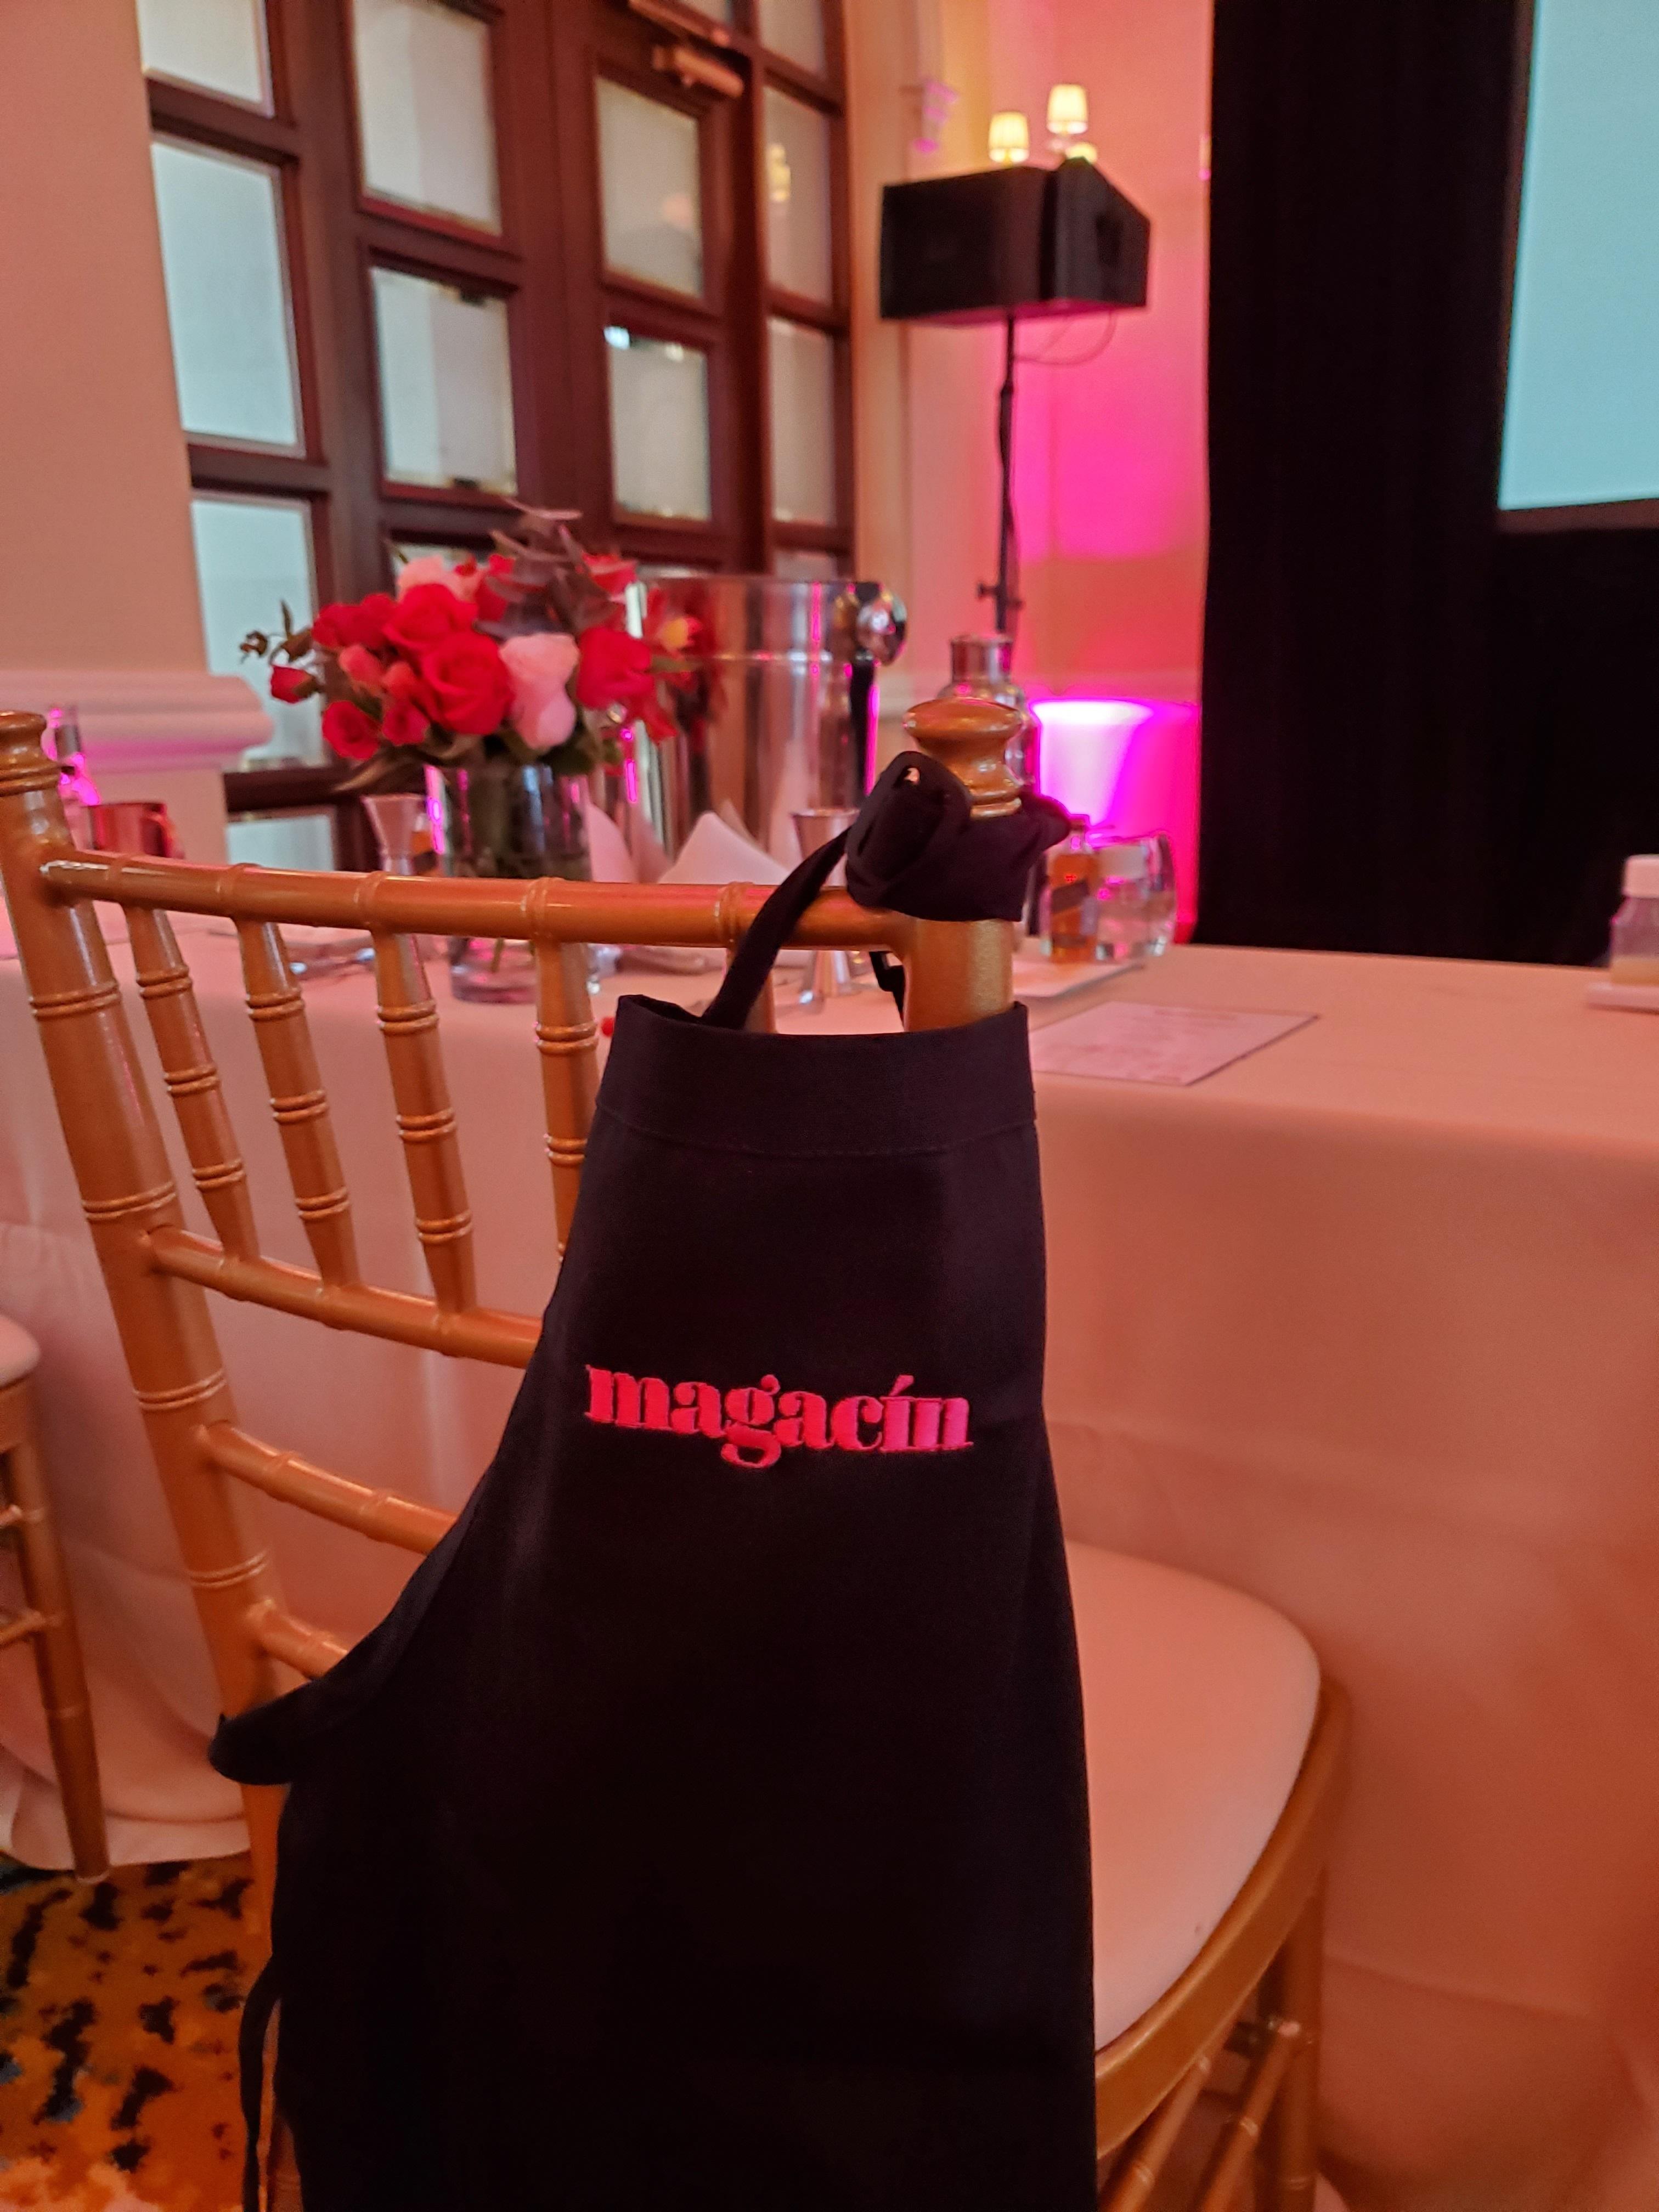 El evento se llevó a cabo en el Condado Vanderbilt Hotel.